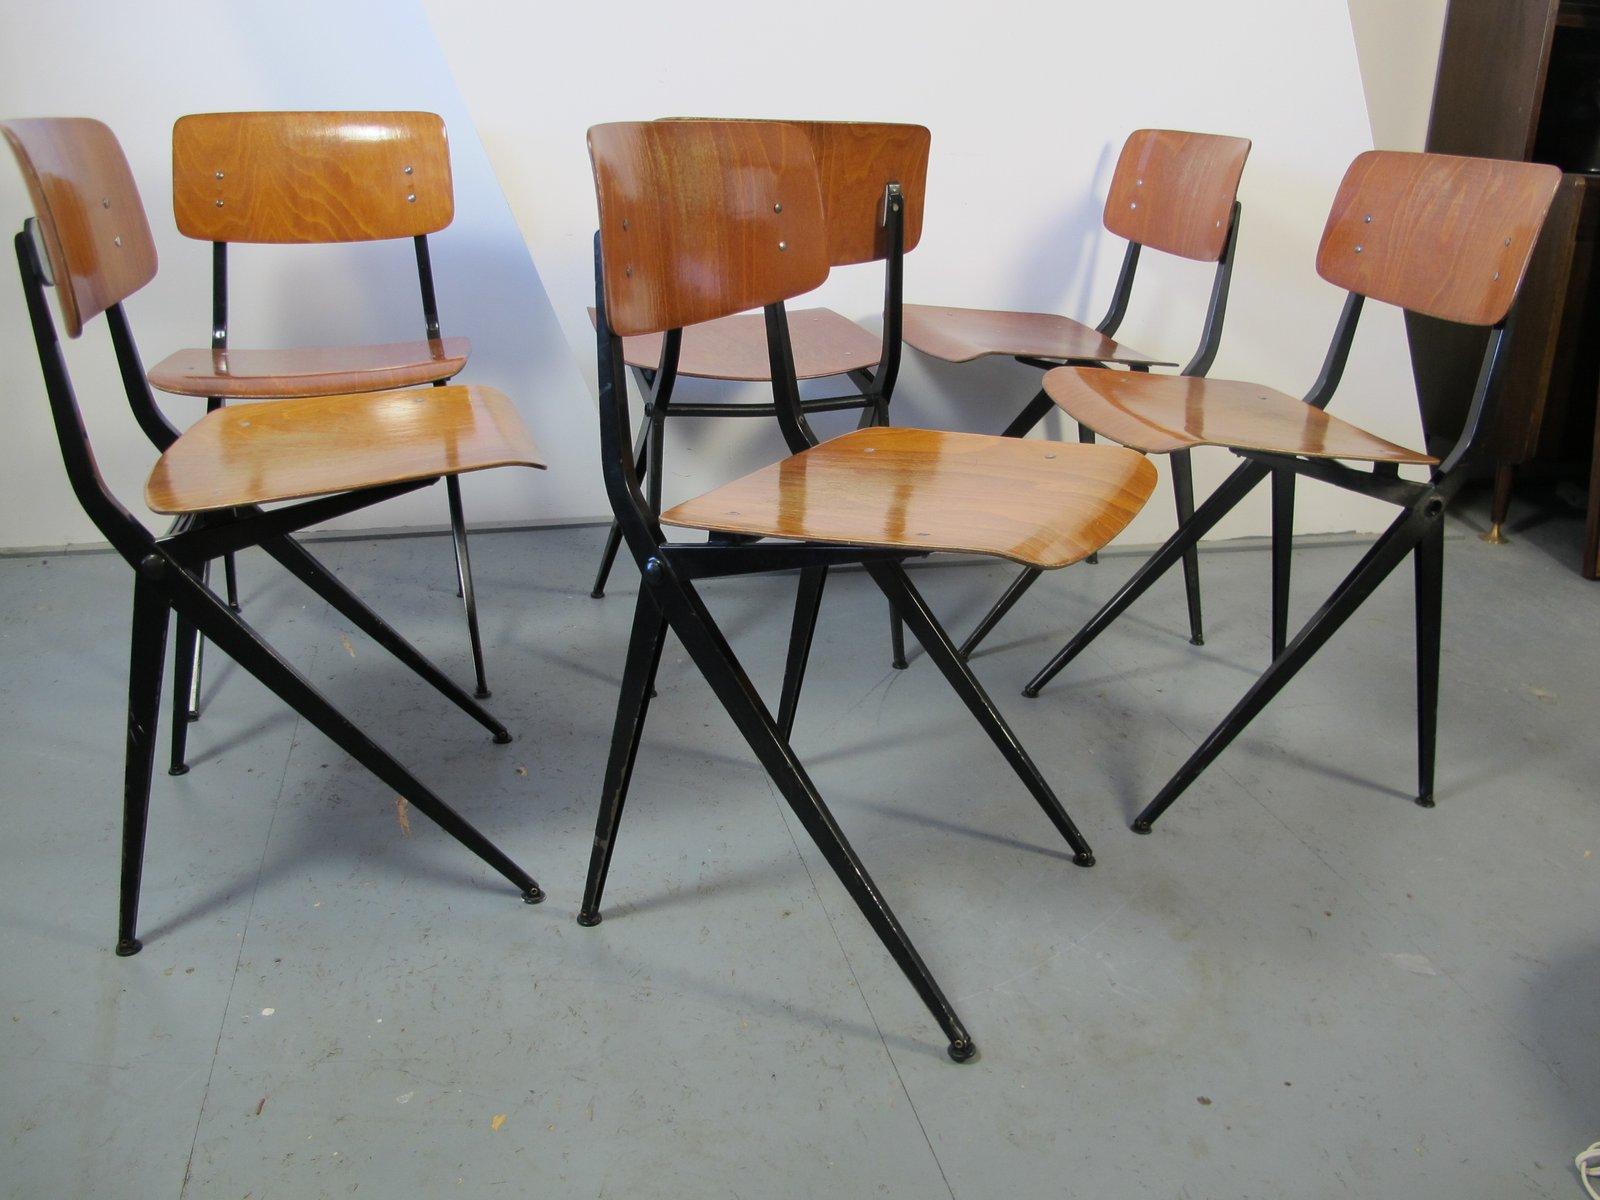 industrielle mid century st hle aus stahl holz von marko 6er set bei pamono kaufen. Black Bedroom Furniture Sets. Home Design Ideas